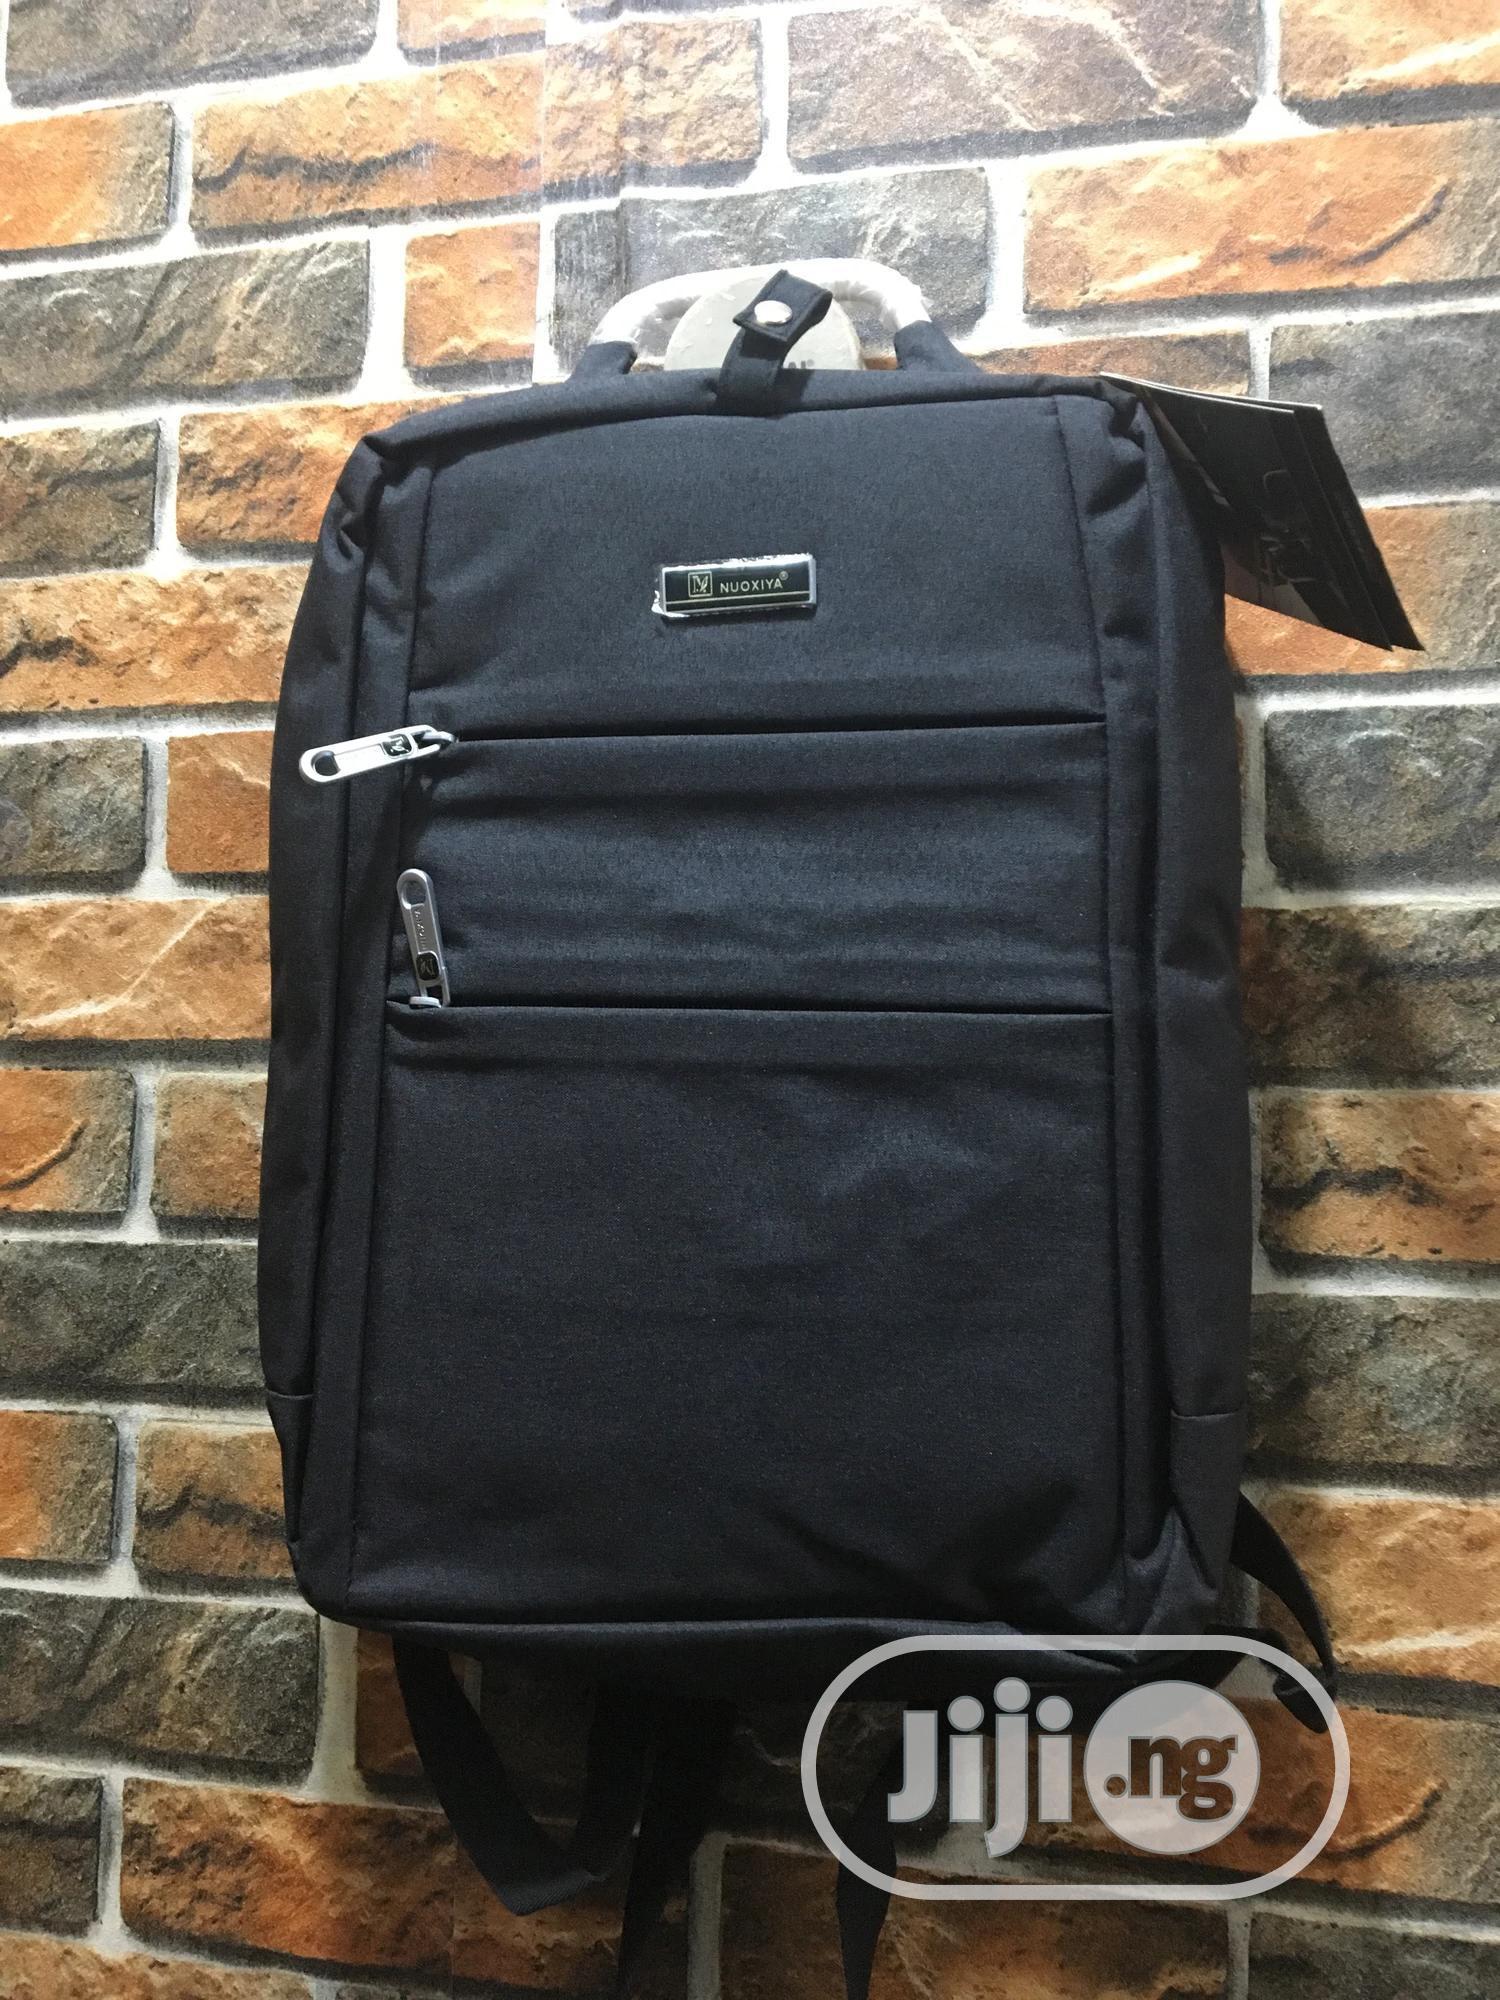 Nuixoya Backpack Slim Bag